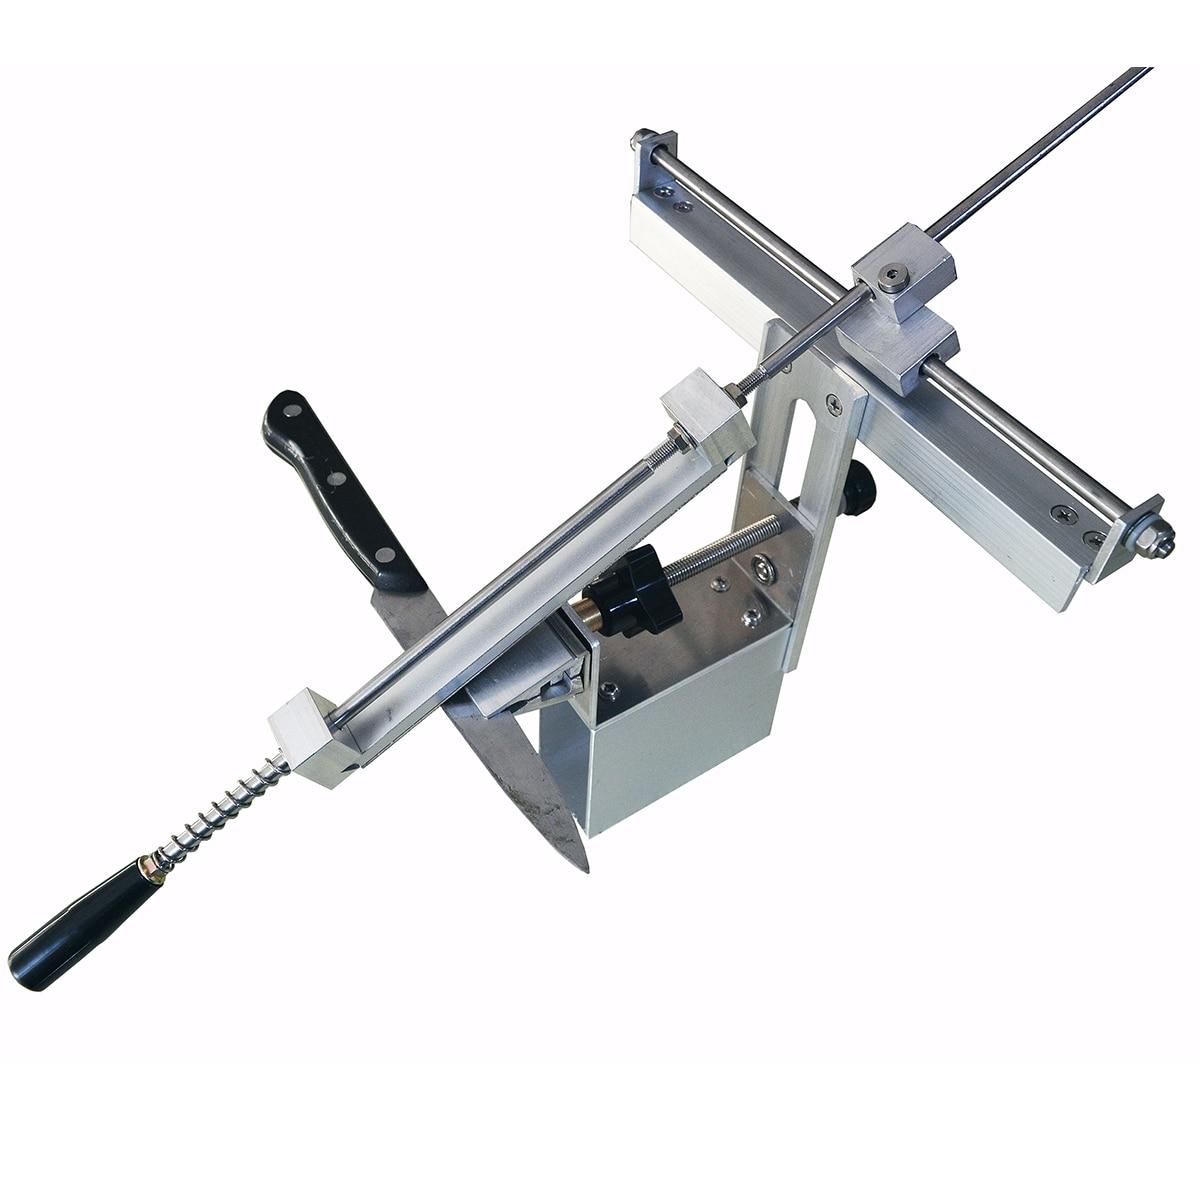 7generations KME Knife sharpener Sharpening System knife Apex edge sharpener Aluminum alloy 360 degree reversal clip